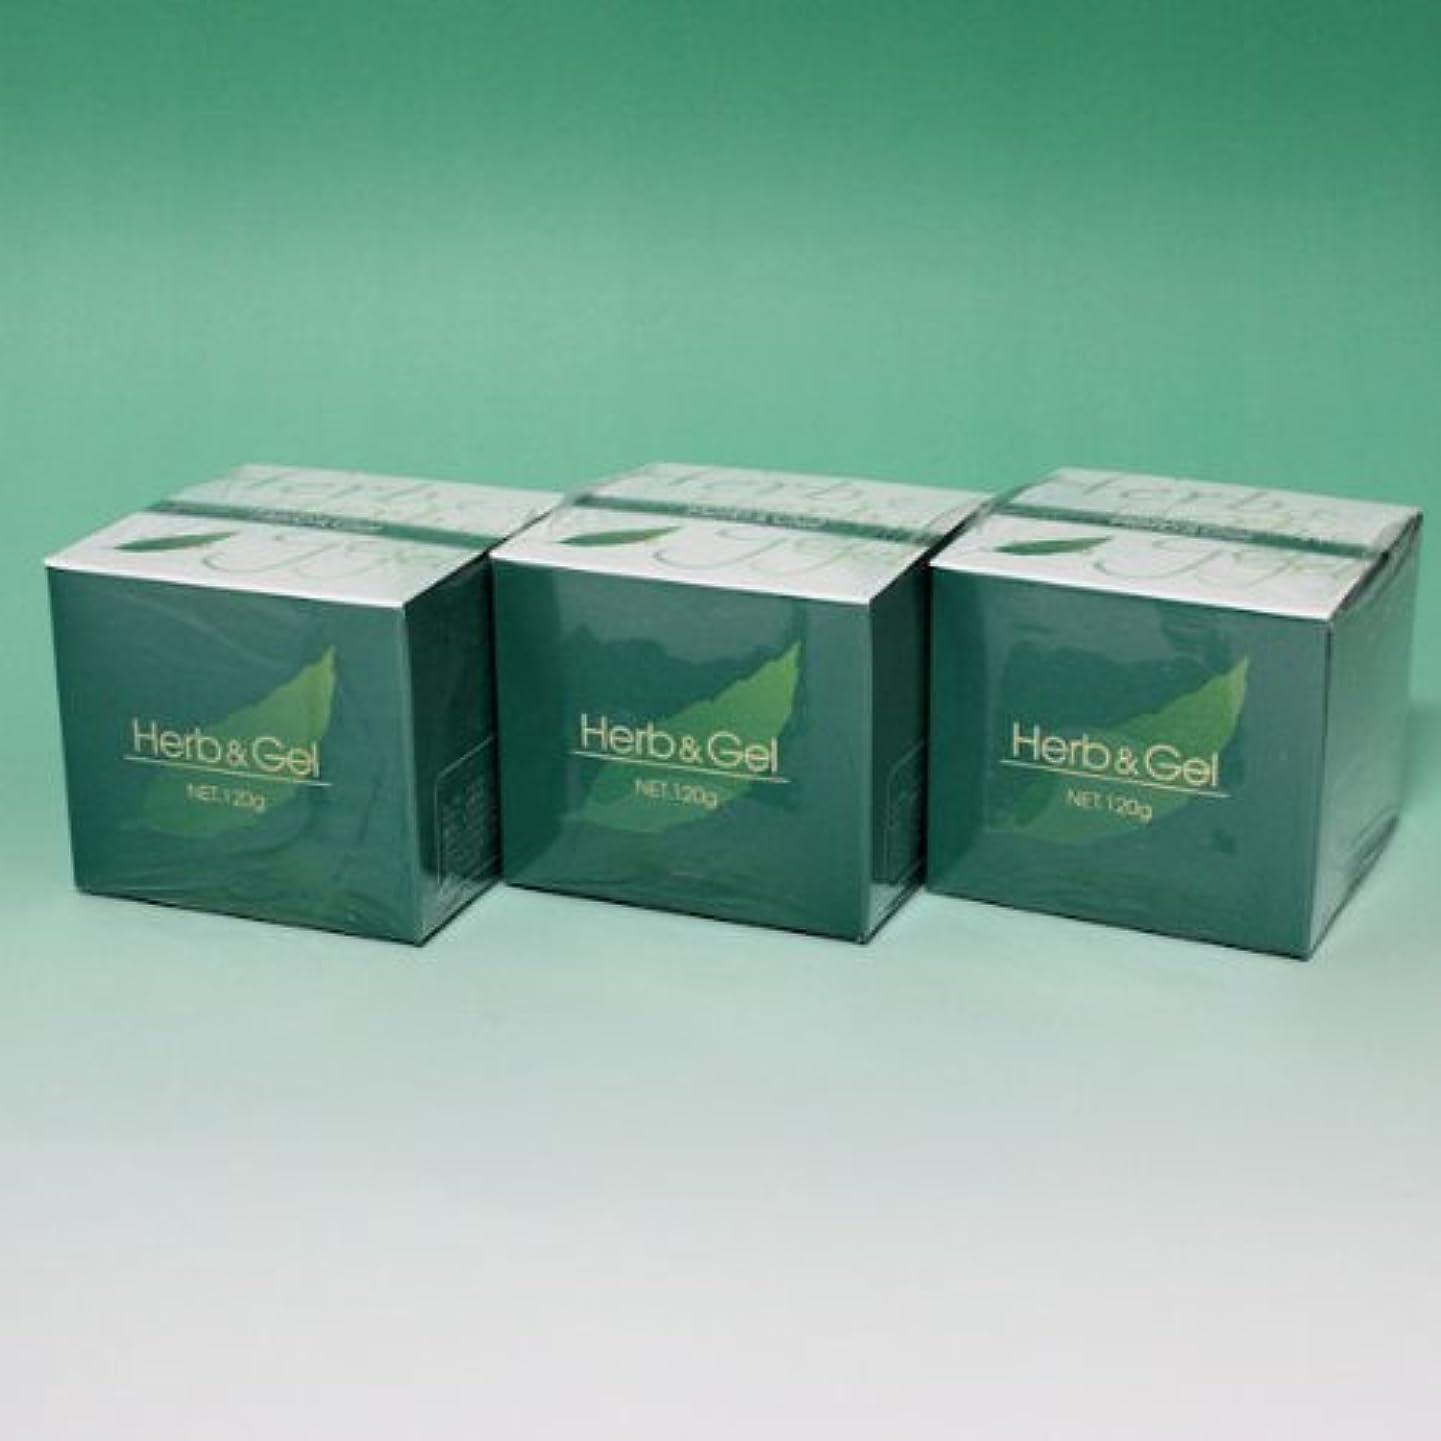 制約凝視静脈ハーブアンドゲル 天然ハーブエキス配合 120g×3瓶セット (4580109490026)